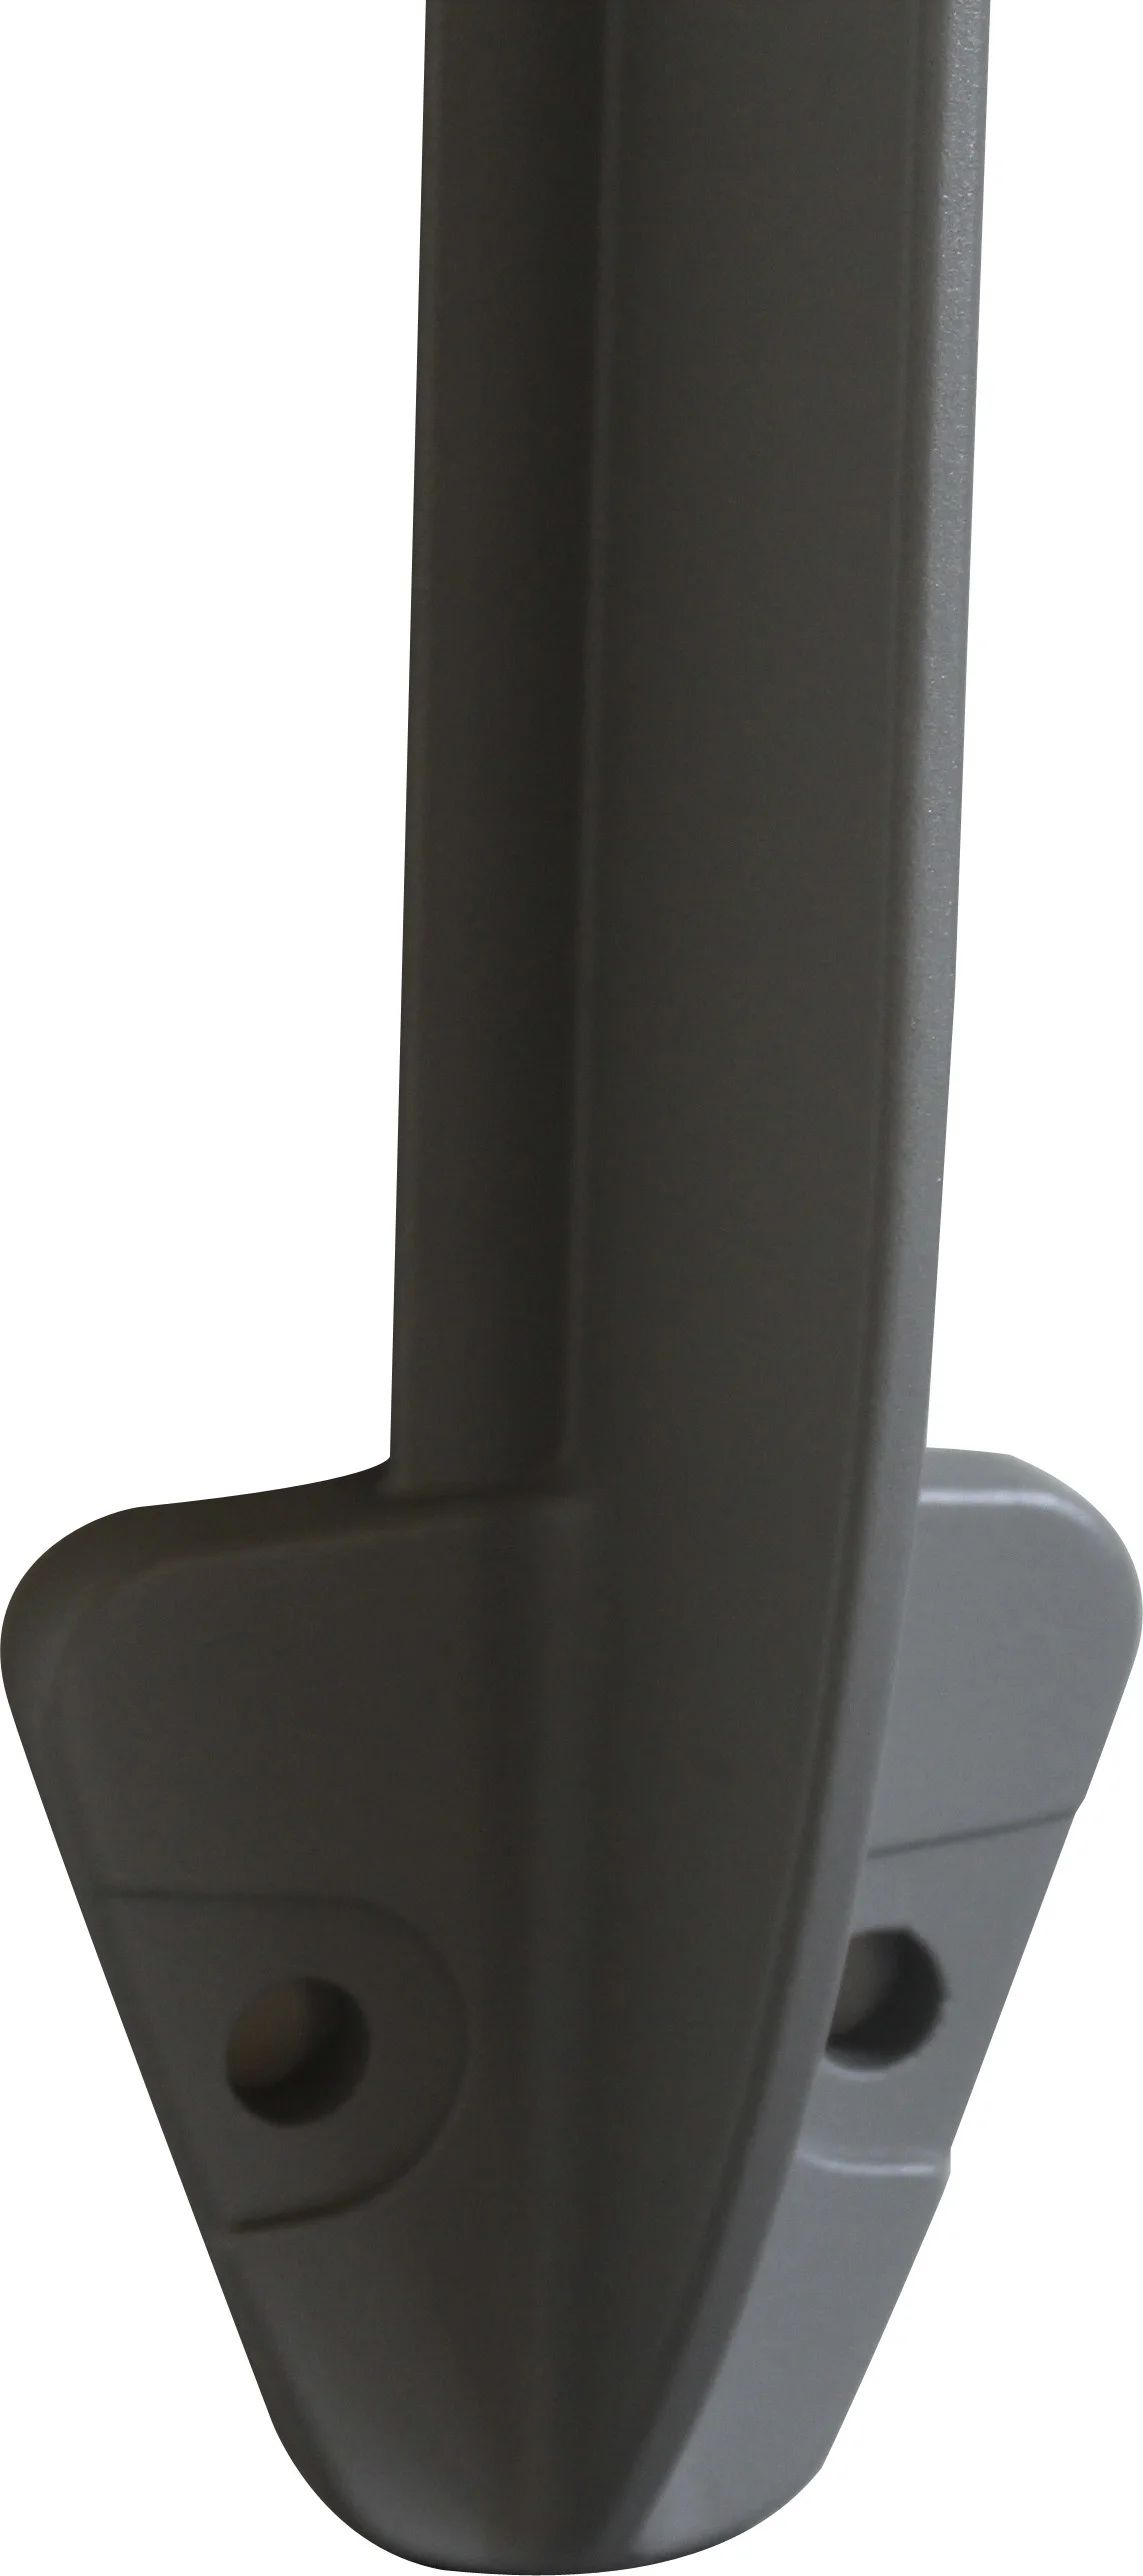 Poteau Pour Garde Corps Tieral Aluminium Gris H 113 X L 4 Cm Leroy Merlin